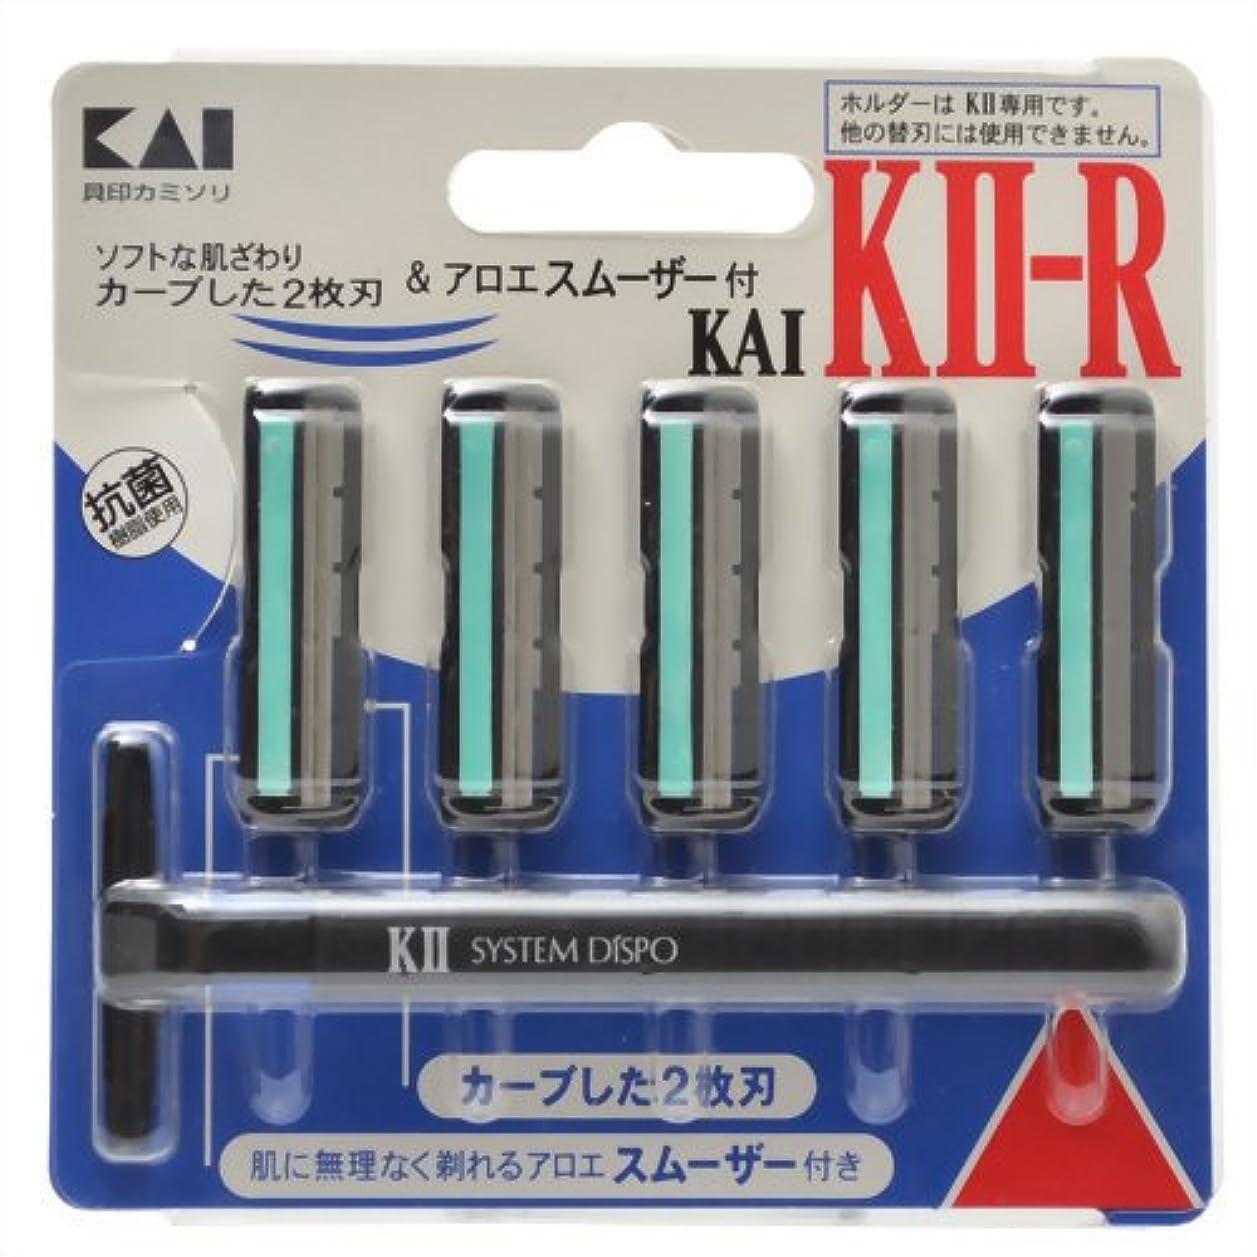 便宜コーナー偽造貝印 KAI KII-R ひげそり用カミソリ アロエスムーザー付